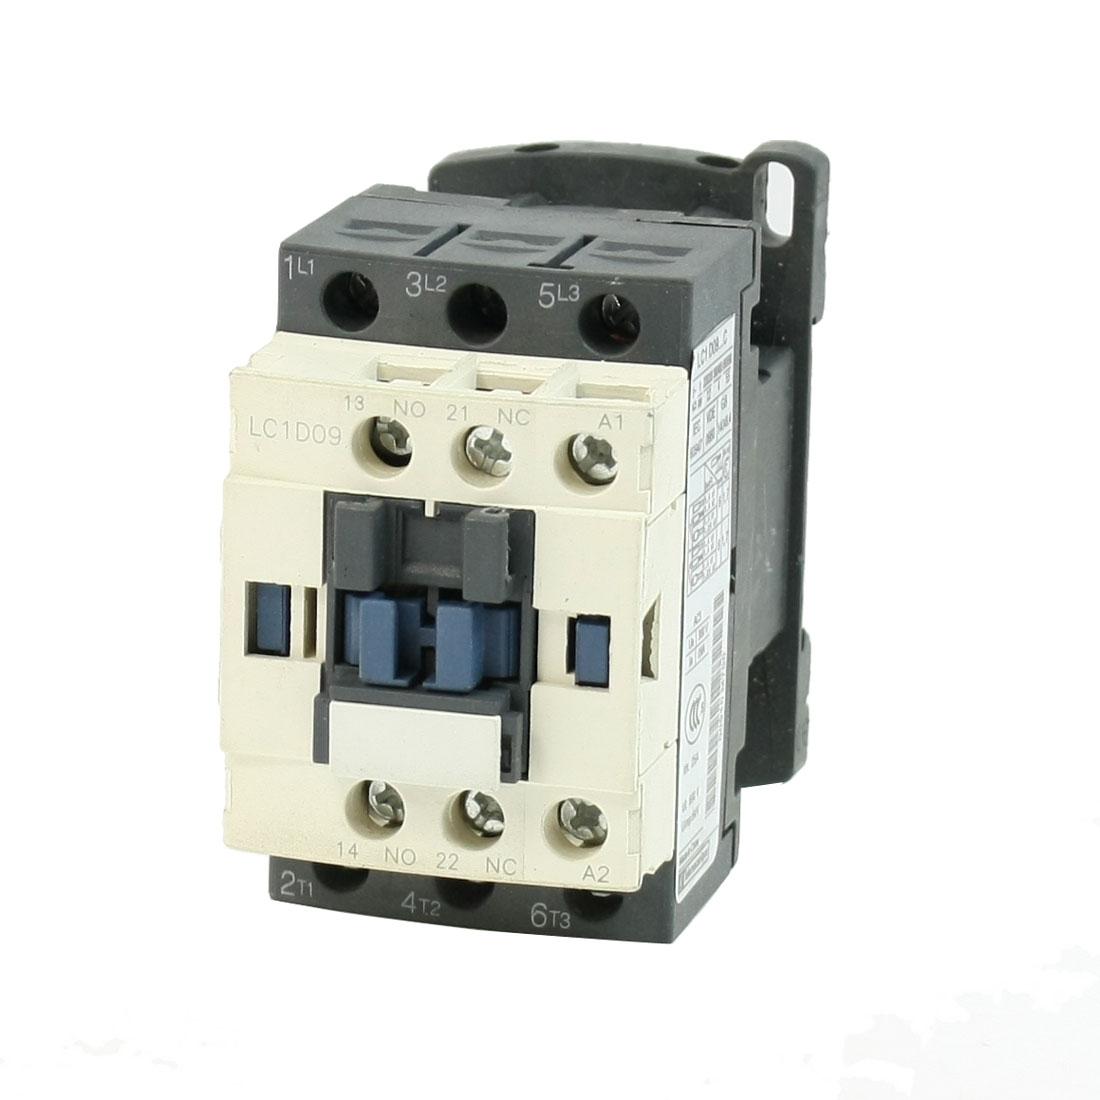 LC1D09 AC Contactor 36 Volts 50/60Hz Coil 3-Pole NO NC